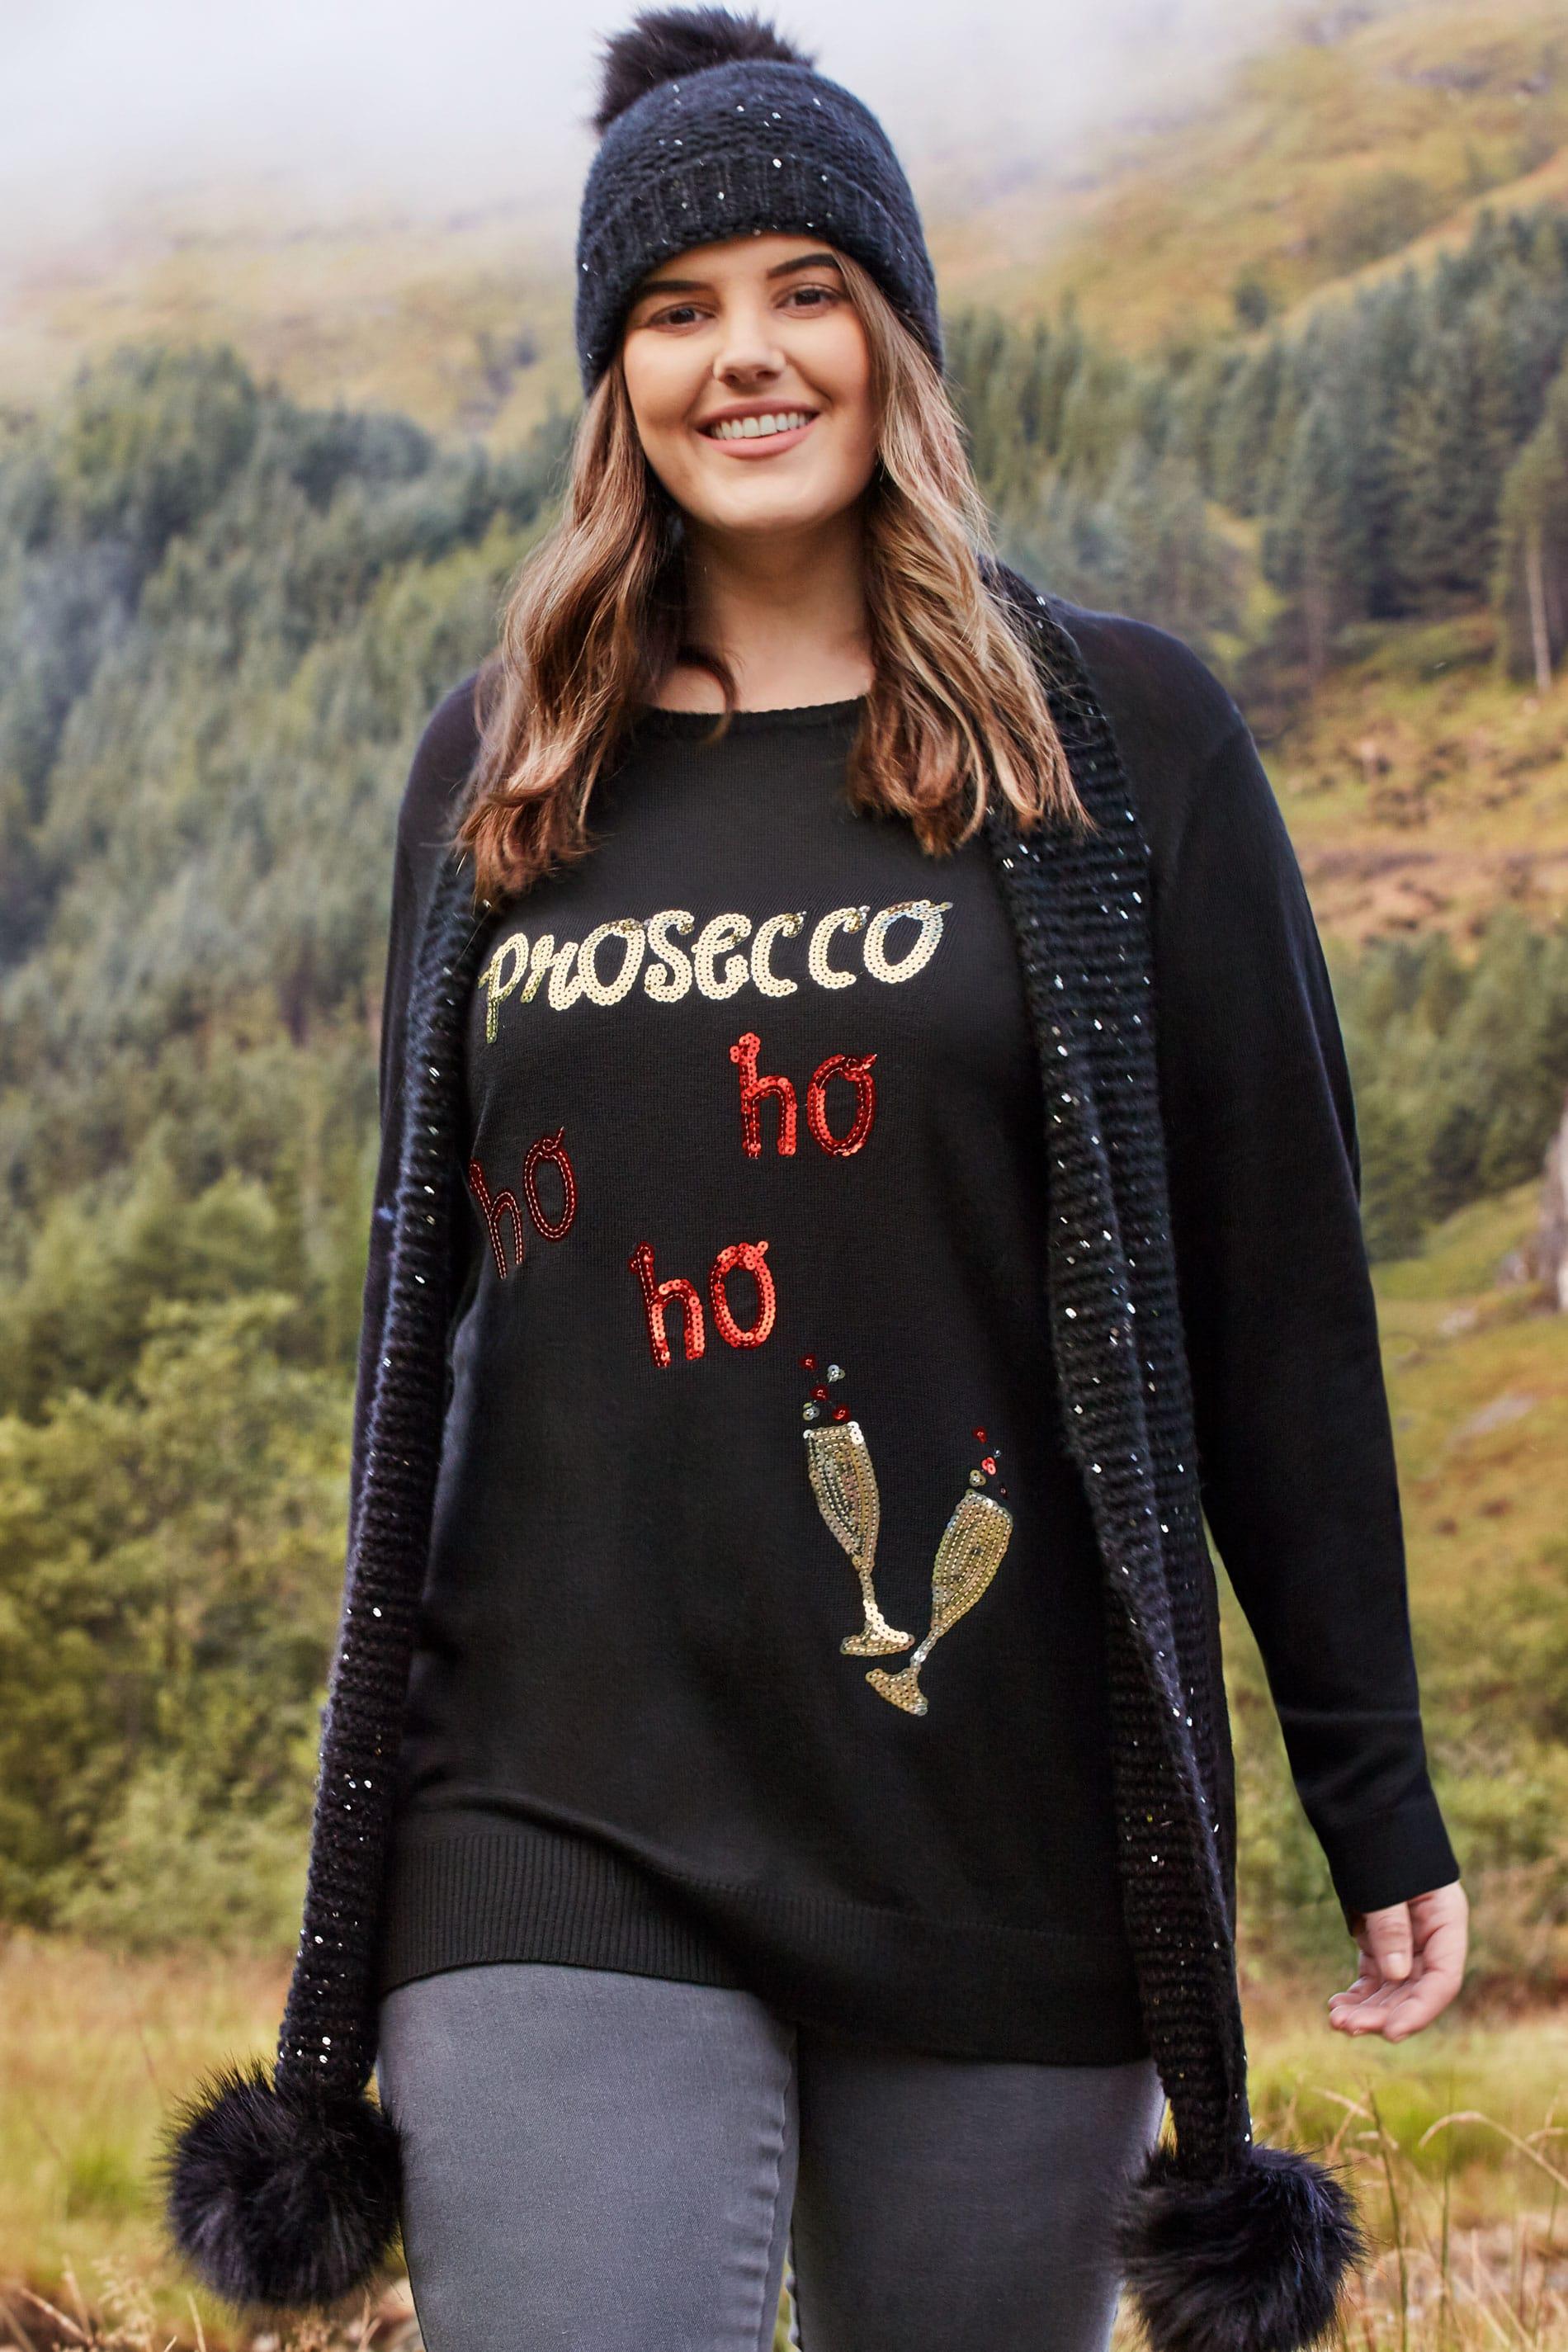 Black 'Prosecco Ho Ho Ho' Christmas Jumper